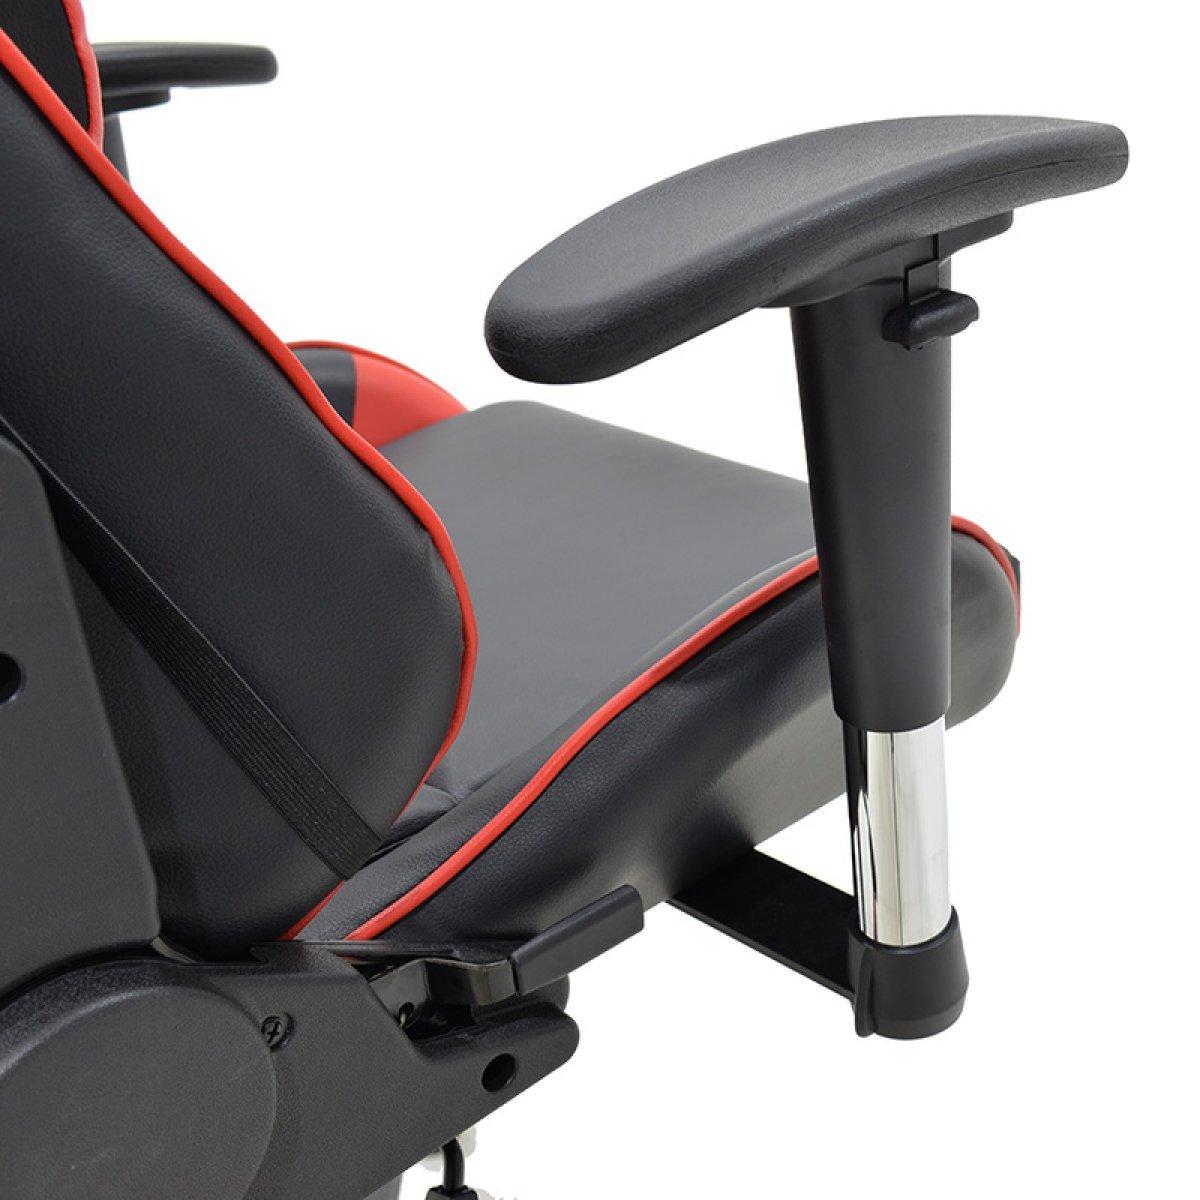 Ανταλλακτικά για καρέκλες γραφείου   Mymegamarket.gr